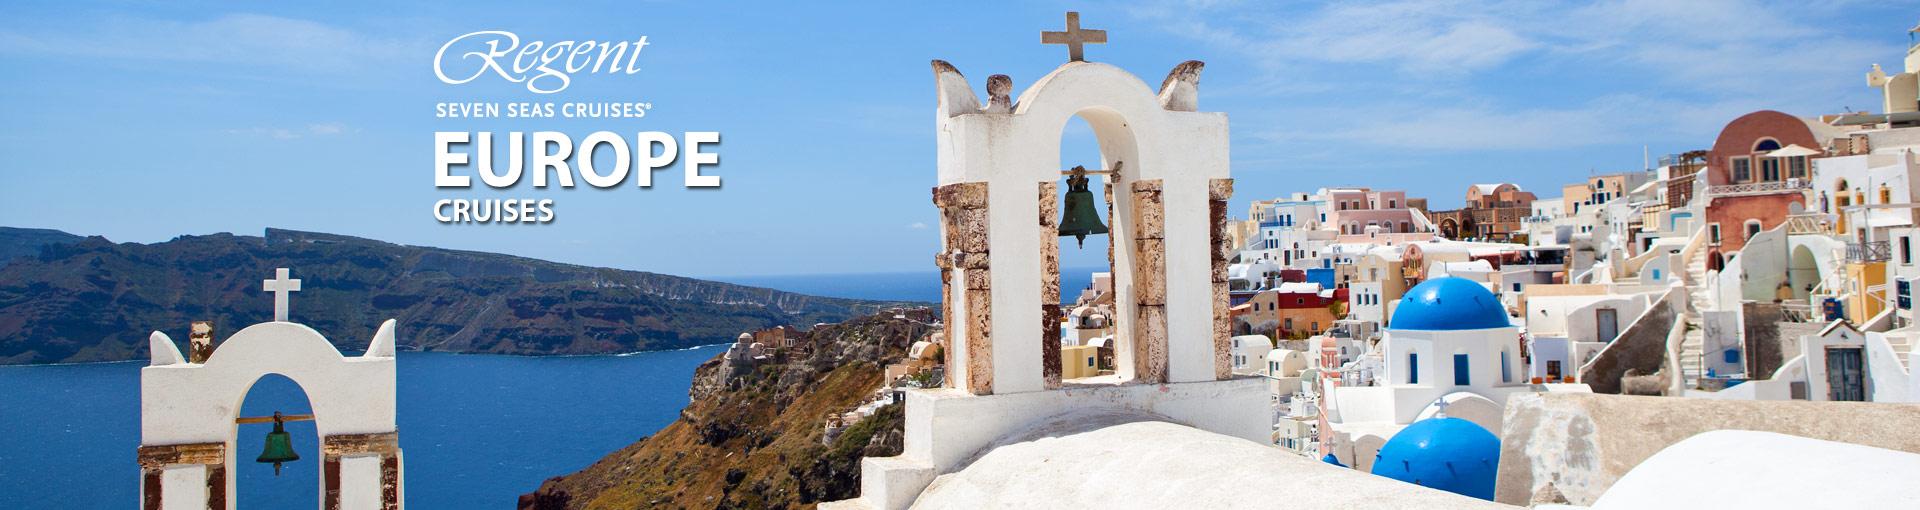 Regent Seven Seas Cruises Europe Cruises